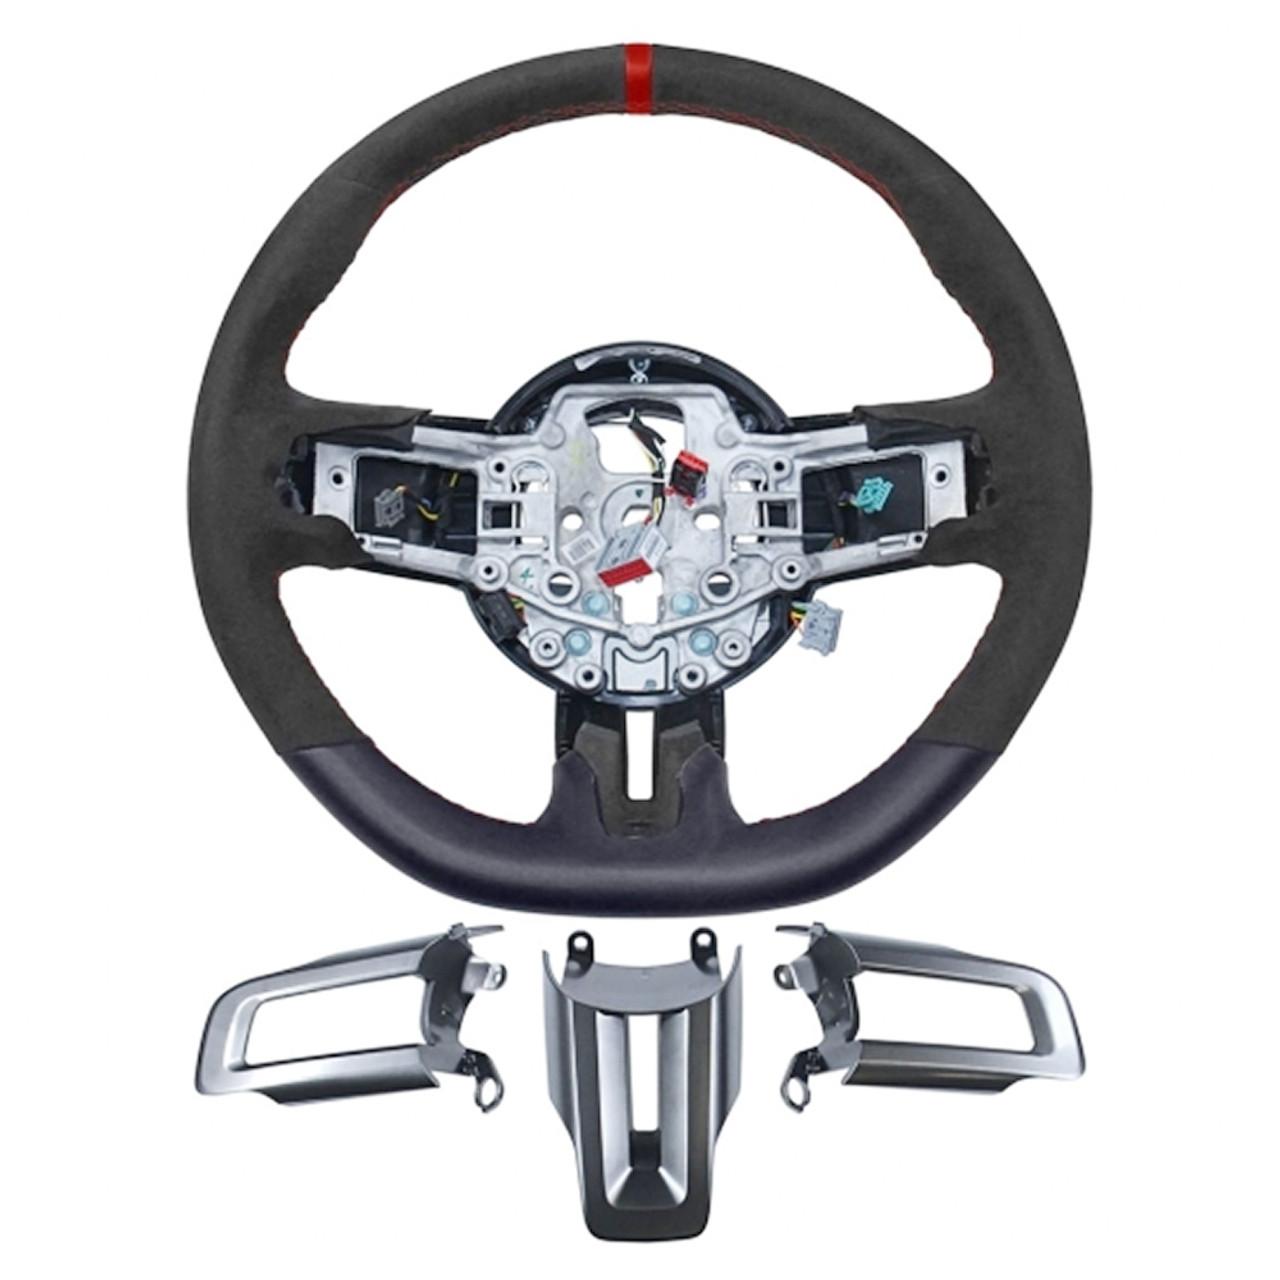 2015-2017 Mustang GT350R Steering Wheel Kit